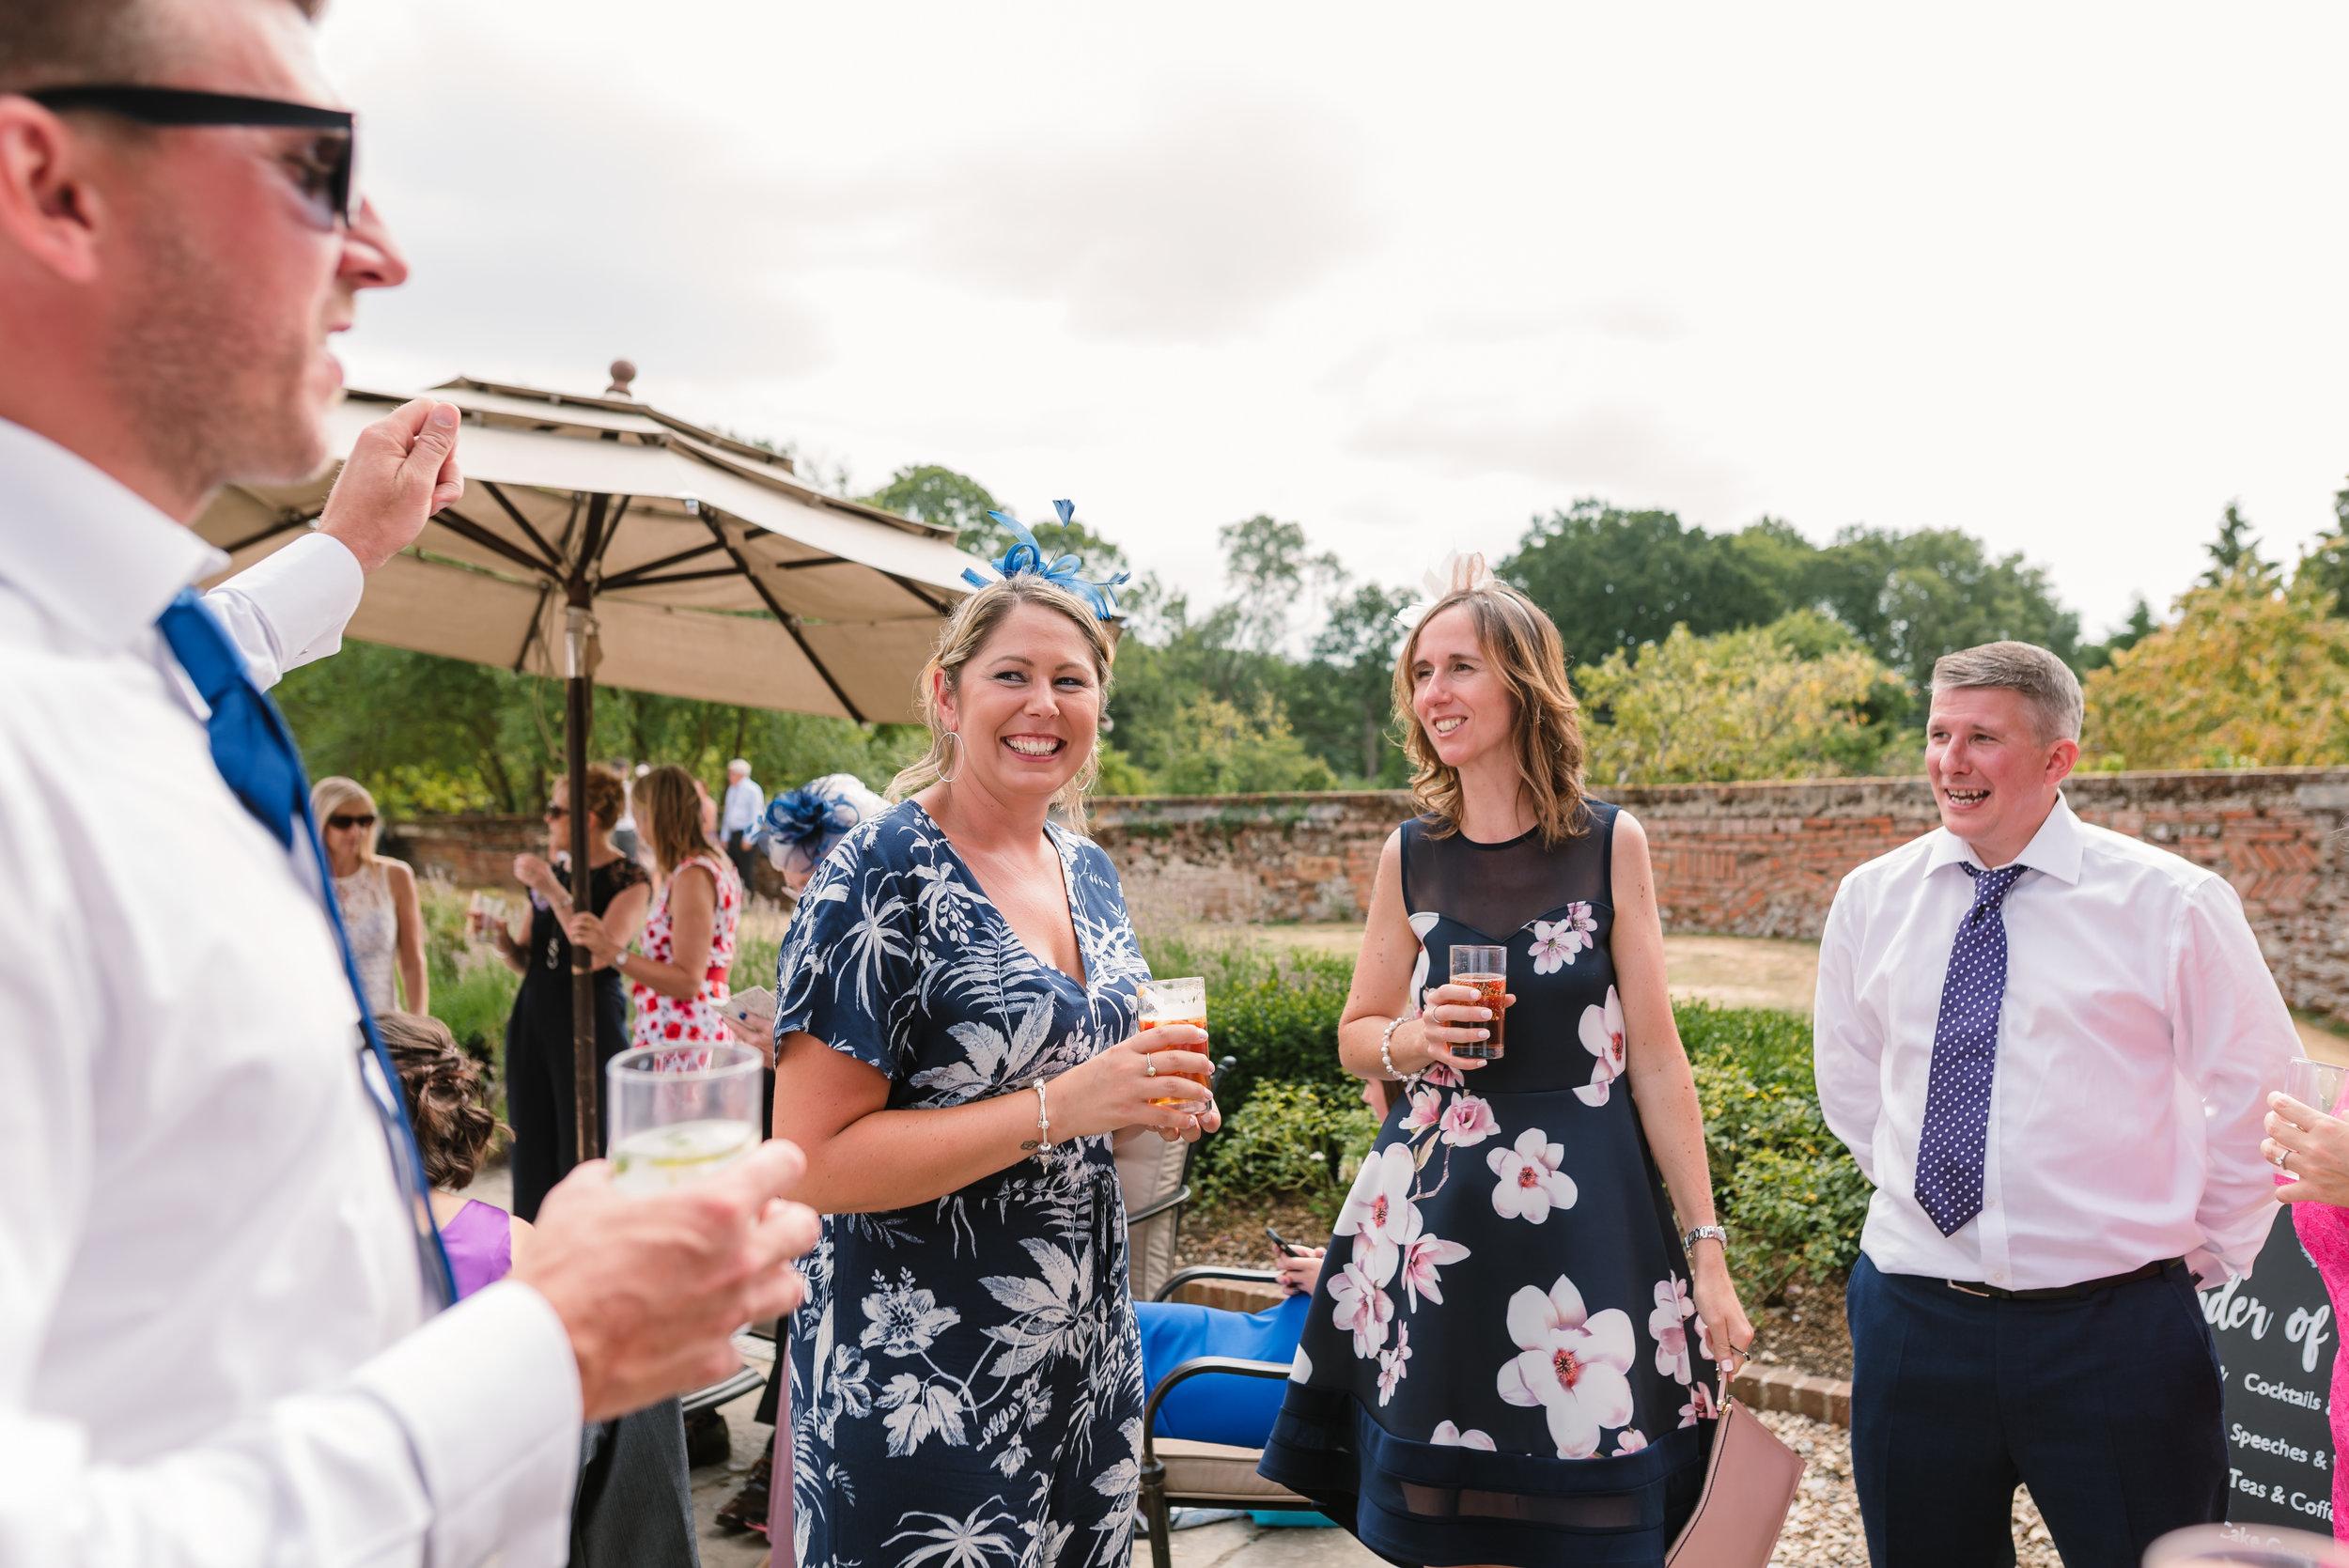 Hampshire Wedding Photographer Hampshire : Ufton-Court-Wedding : Barn-wedding-venue-hampshire : sarah-fishlock-photography : hampshire-barn-wedding-776.jpg